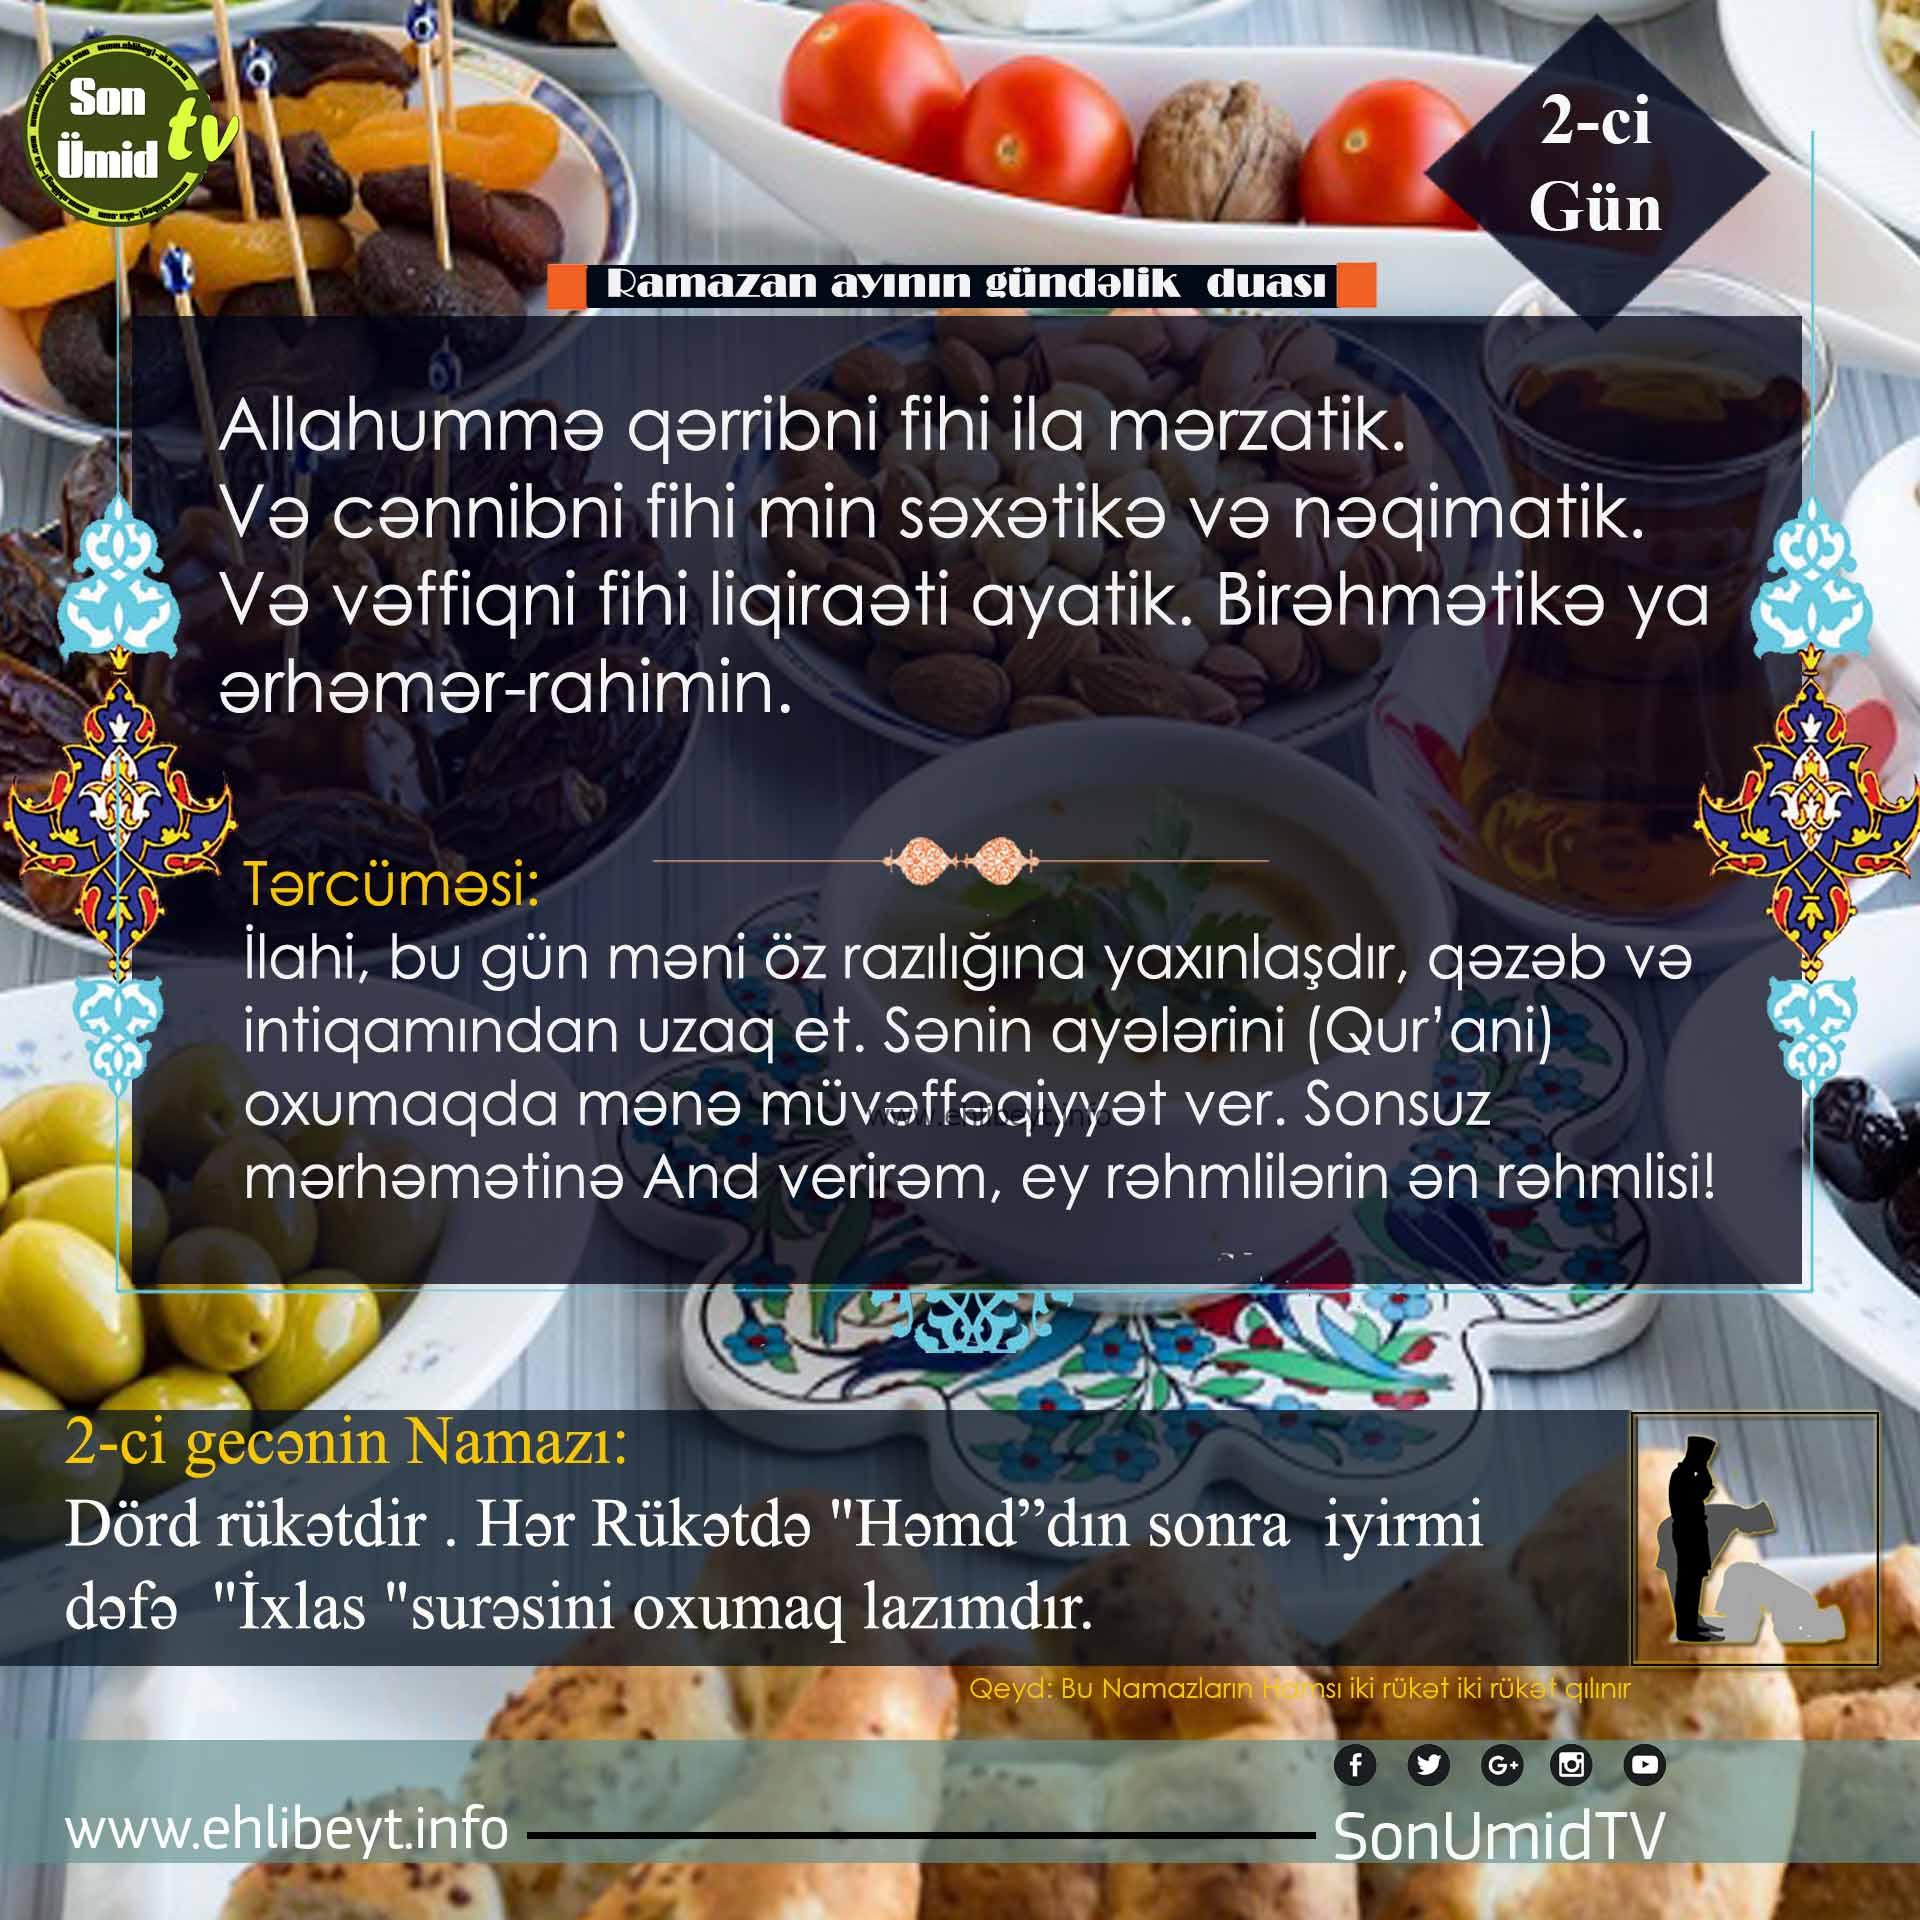 Ramazan  2-ci gününün duası və Namazı